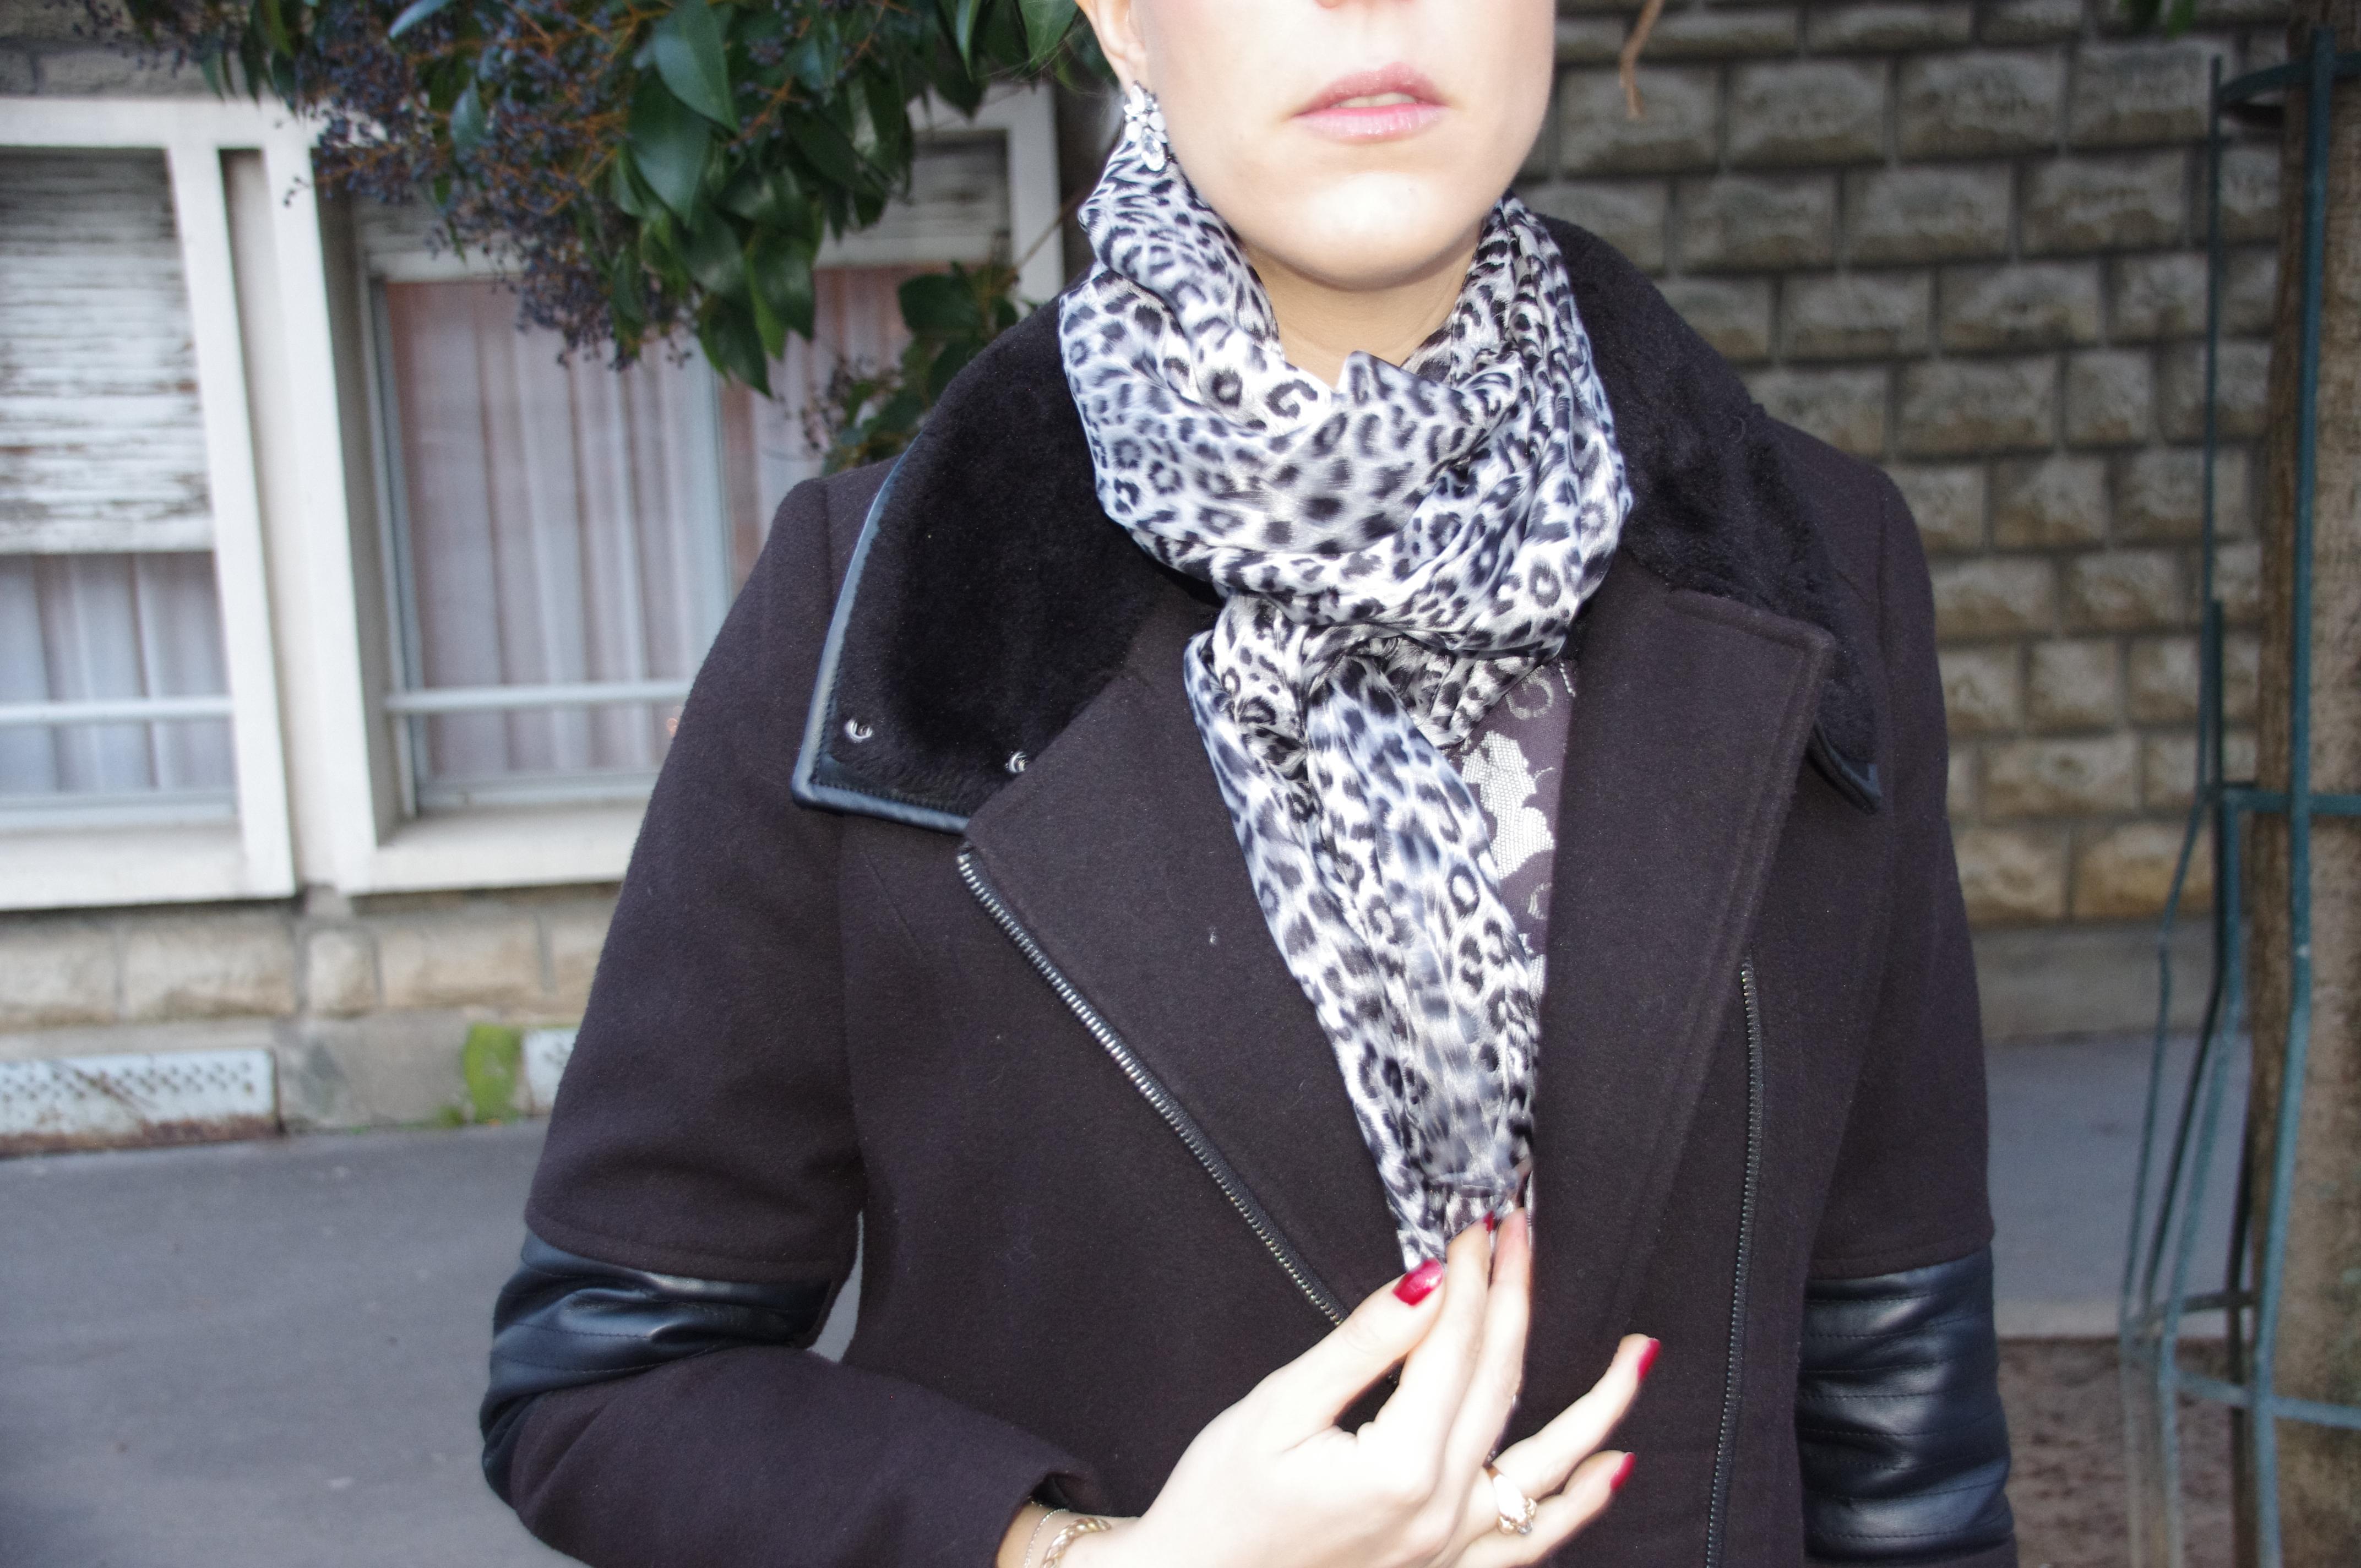 foulard soie, foulard léopard, allée du foulard, sweat baroque, sweat dentelle, derhy, jupe en simili cuir, forever 21, Union Jack, Castelbajac, JCDC